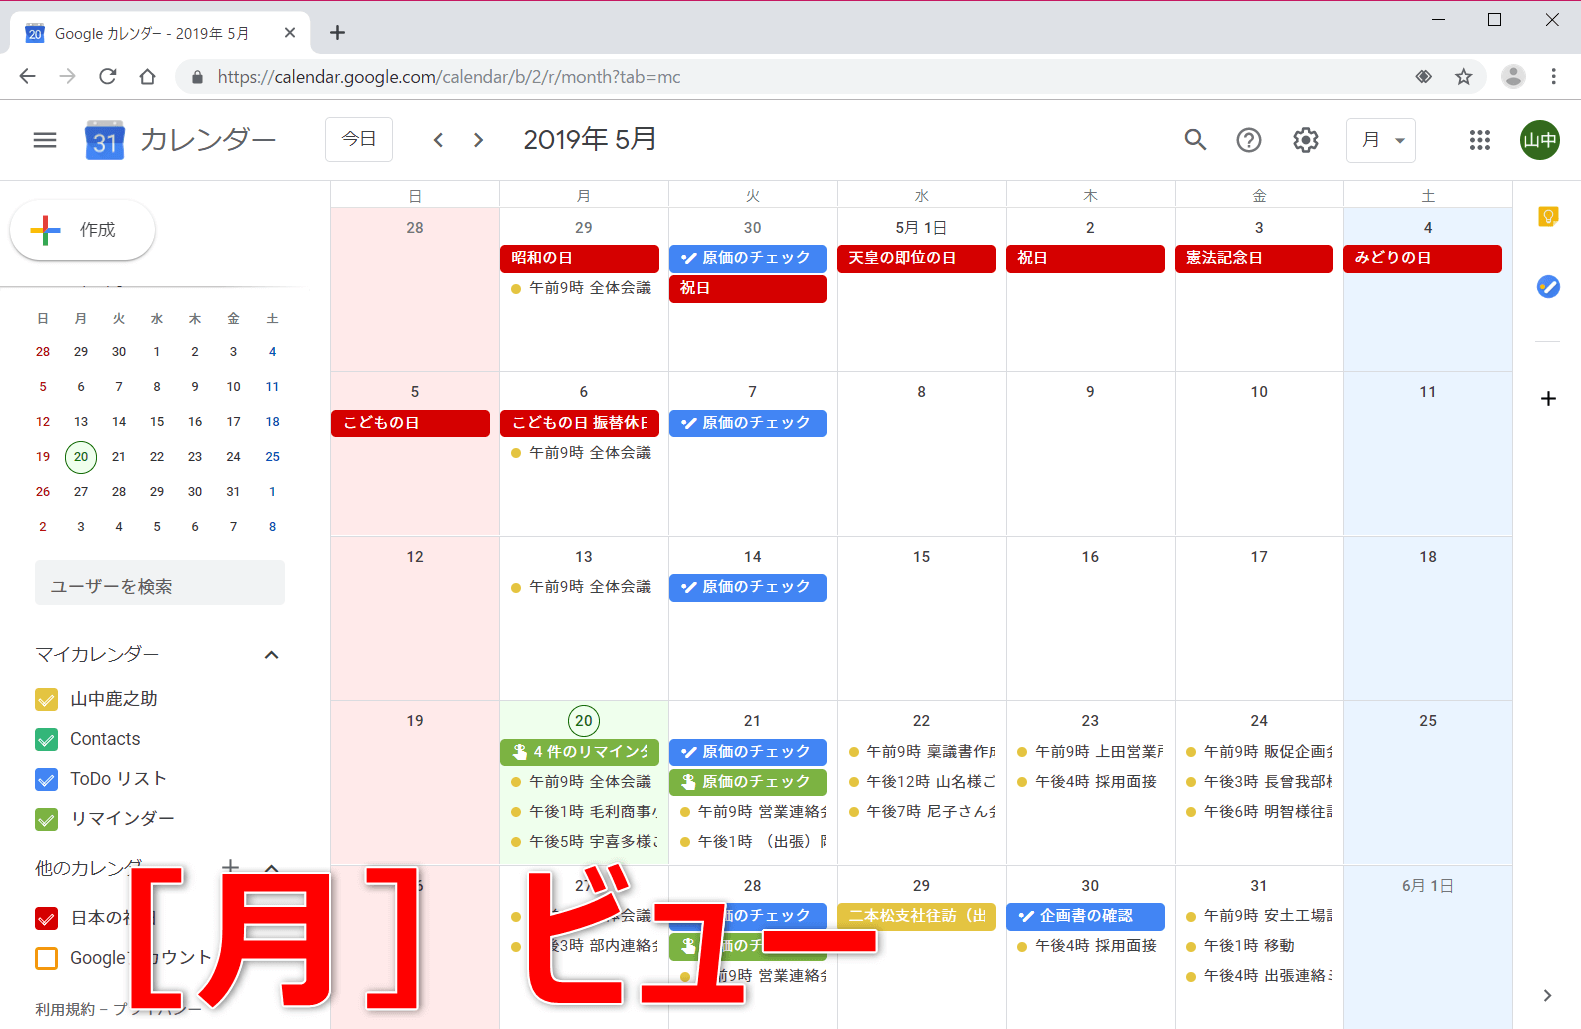 Googleカレンダーの「月」ビュー(1か月表示)の画面